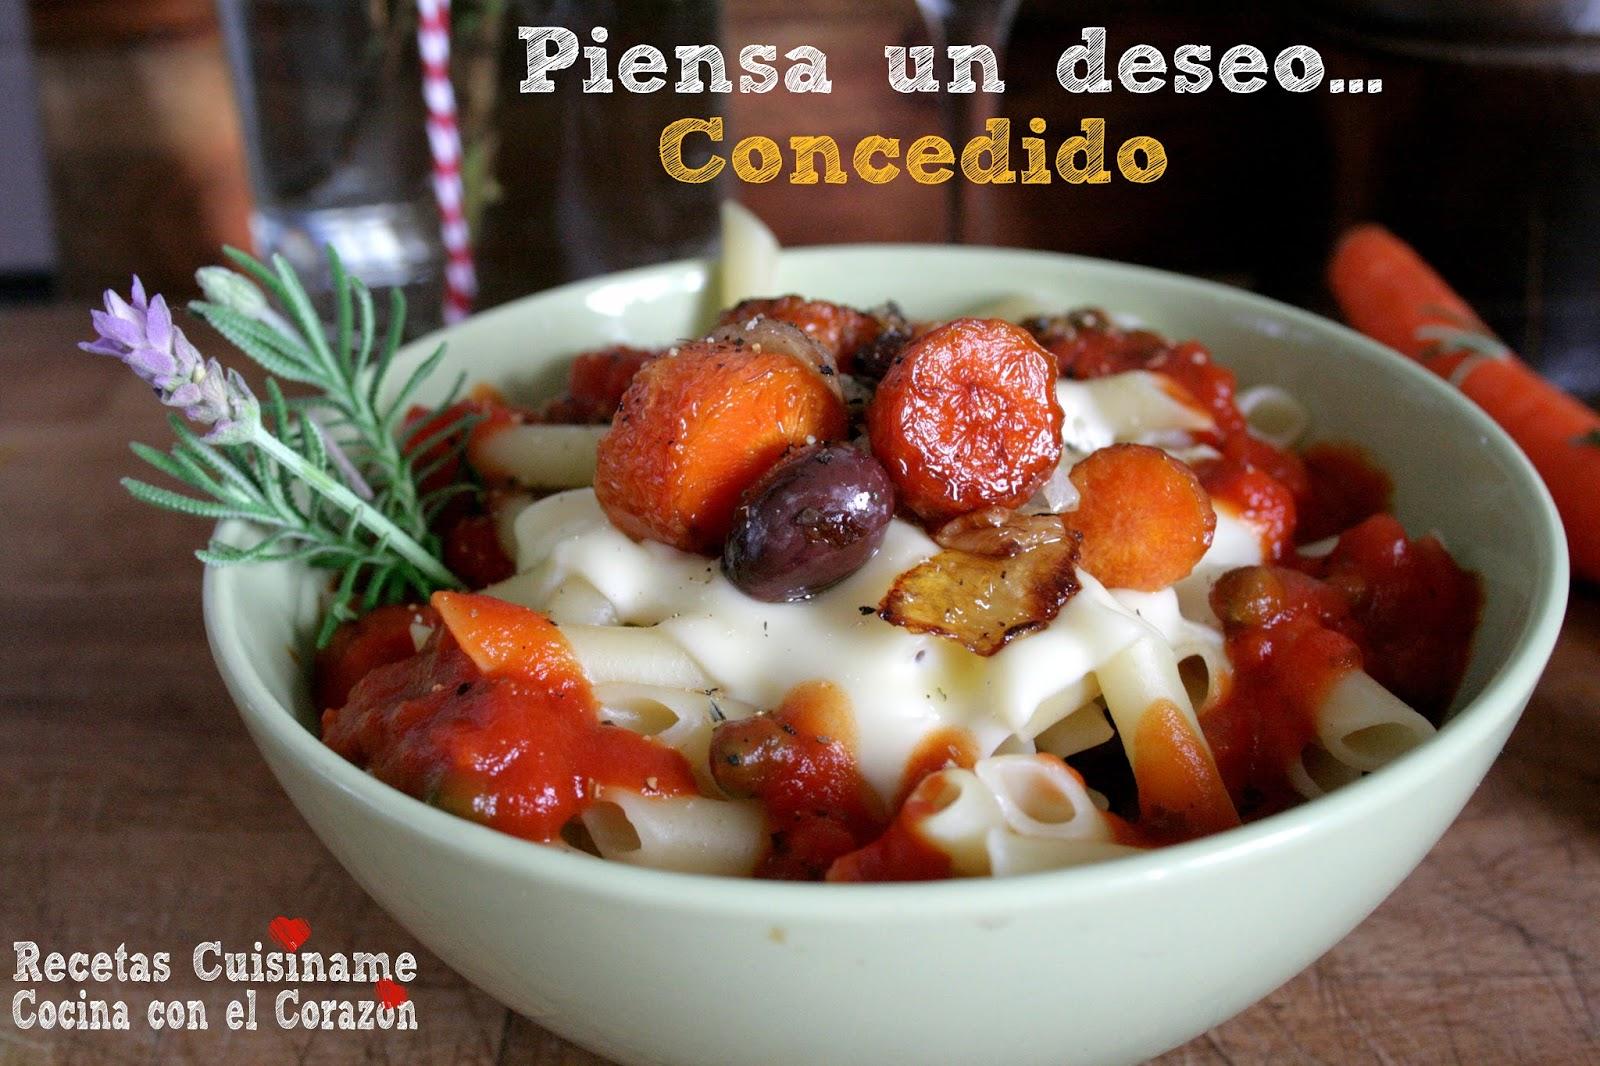 Recetas Cocina Blog | Recetas De Cocina Cuisiname